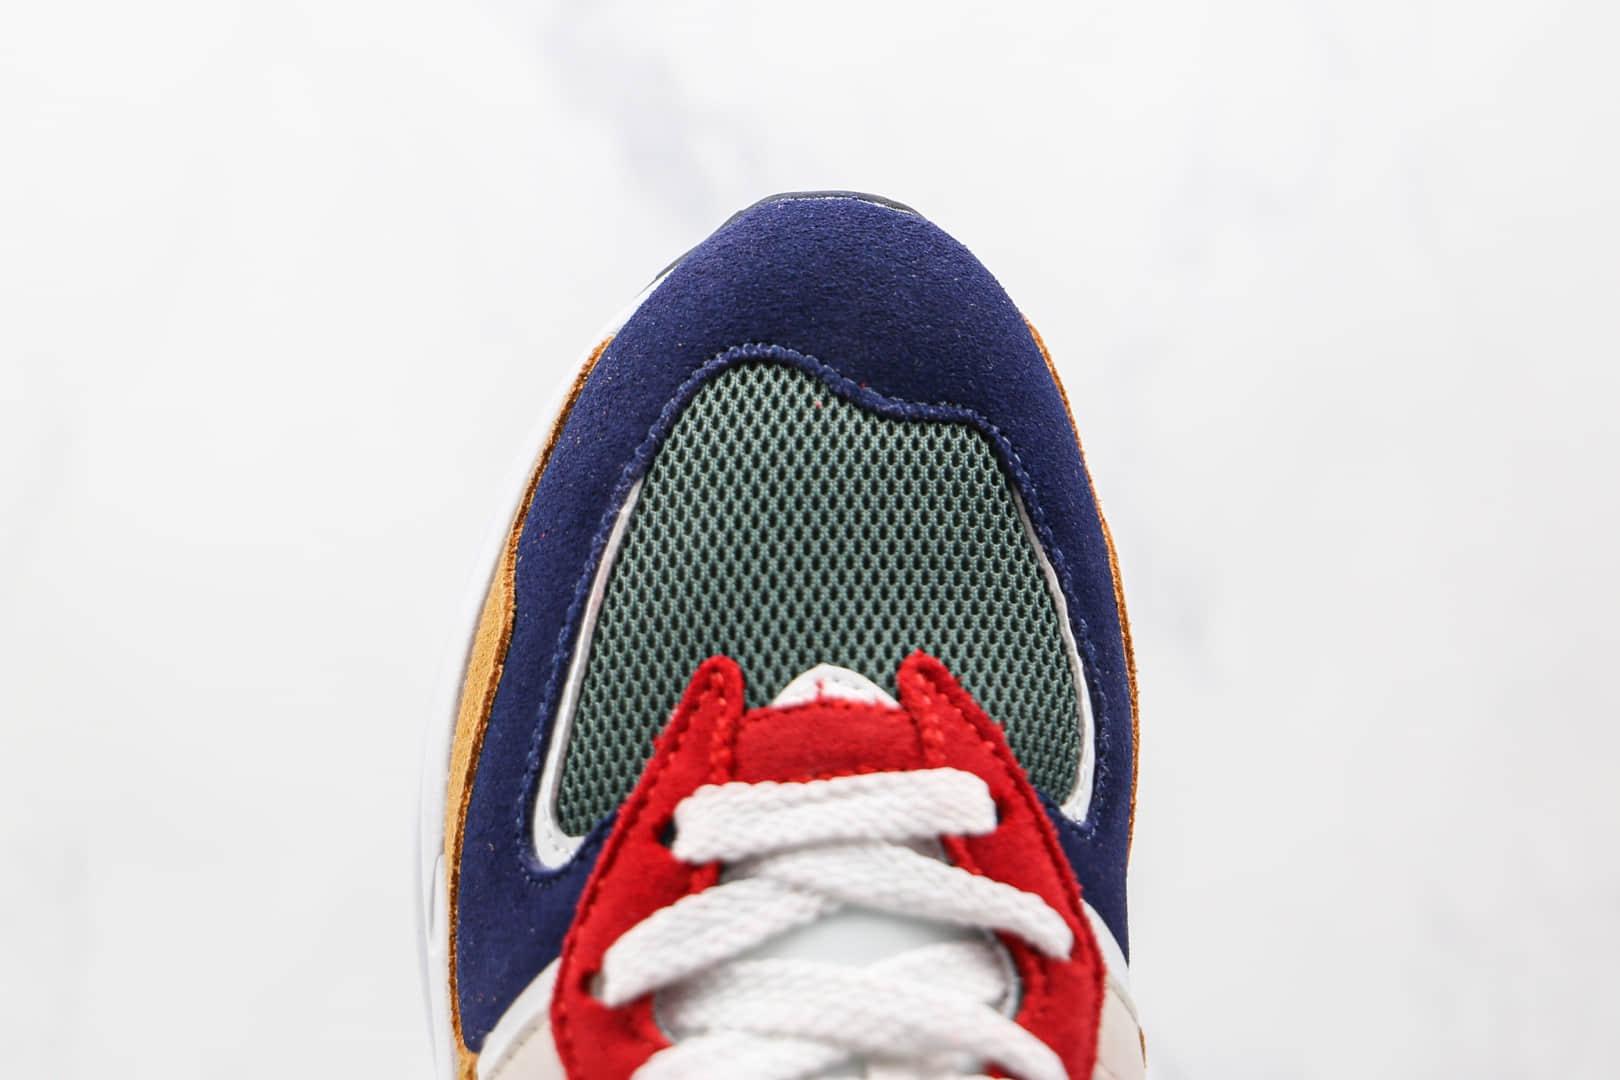 新百伦New Balance 5740纯原版本网面彩色拼接墨绿红黄色复古老爹鞋原盒原标 货号:M5740GD